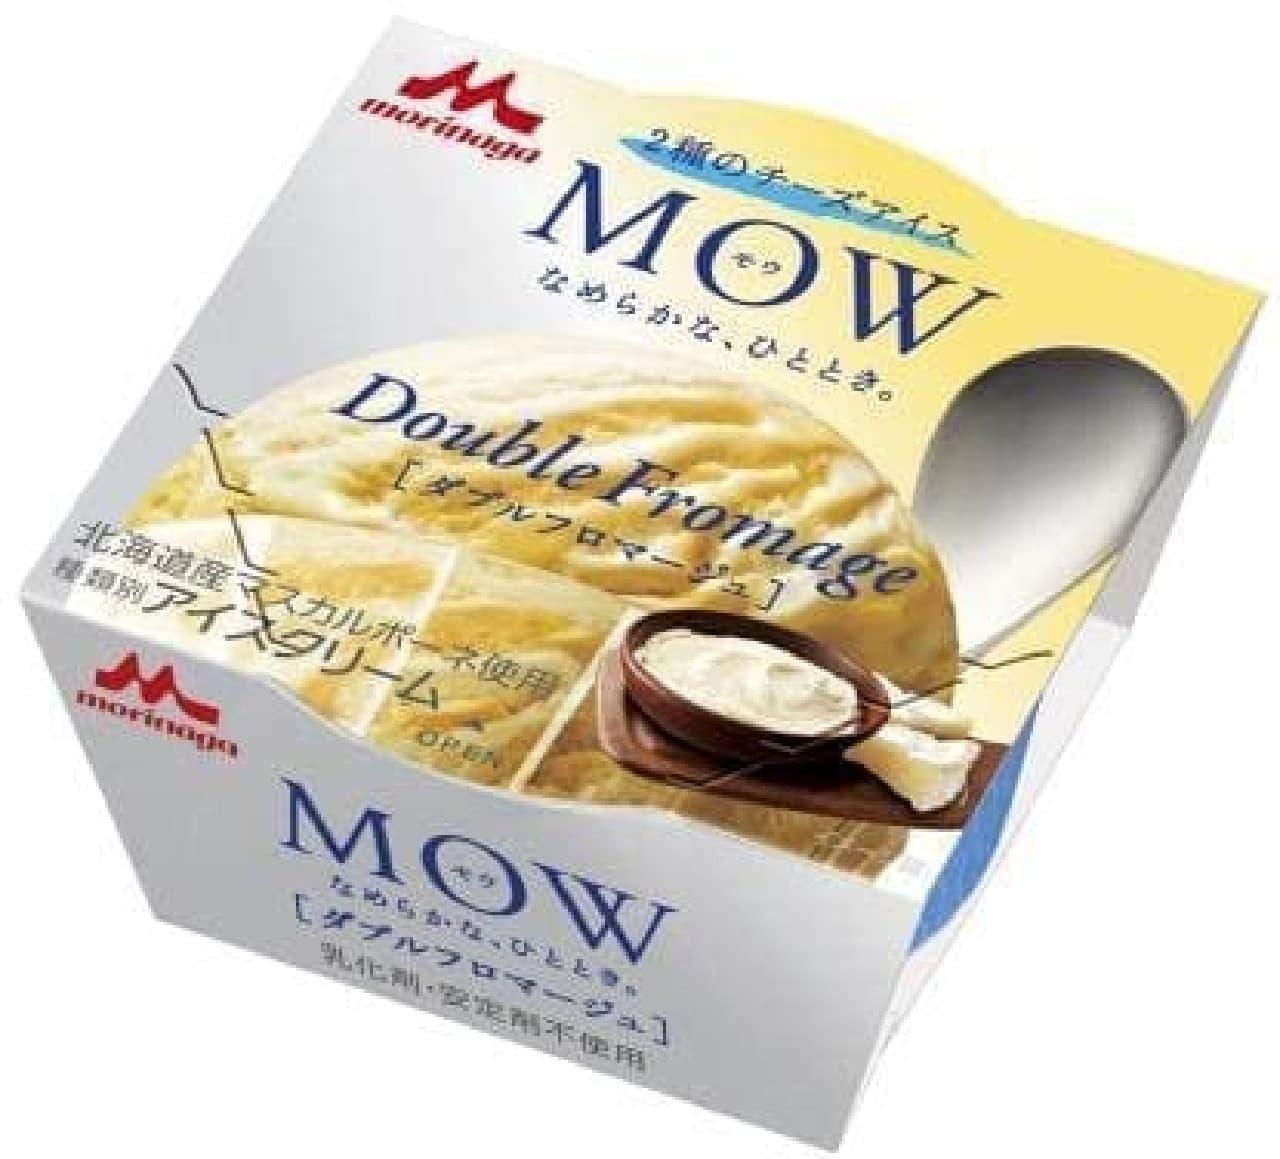 森永乳業「MOW ダブルフロマージュ」